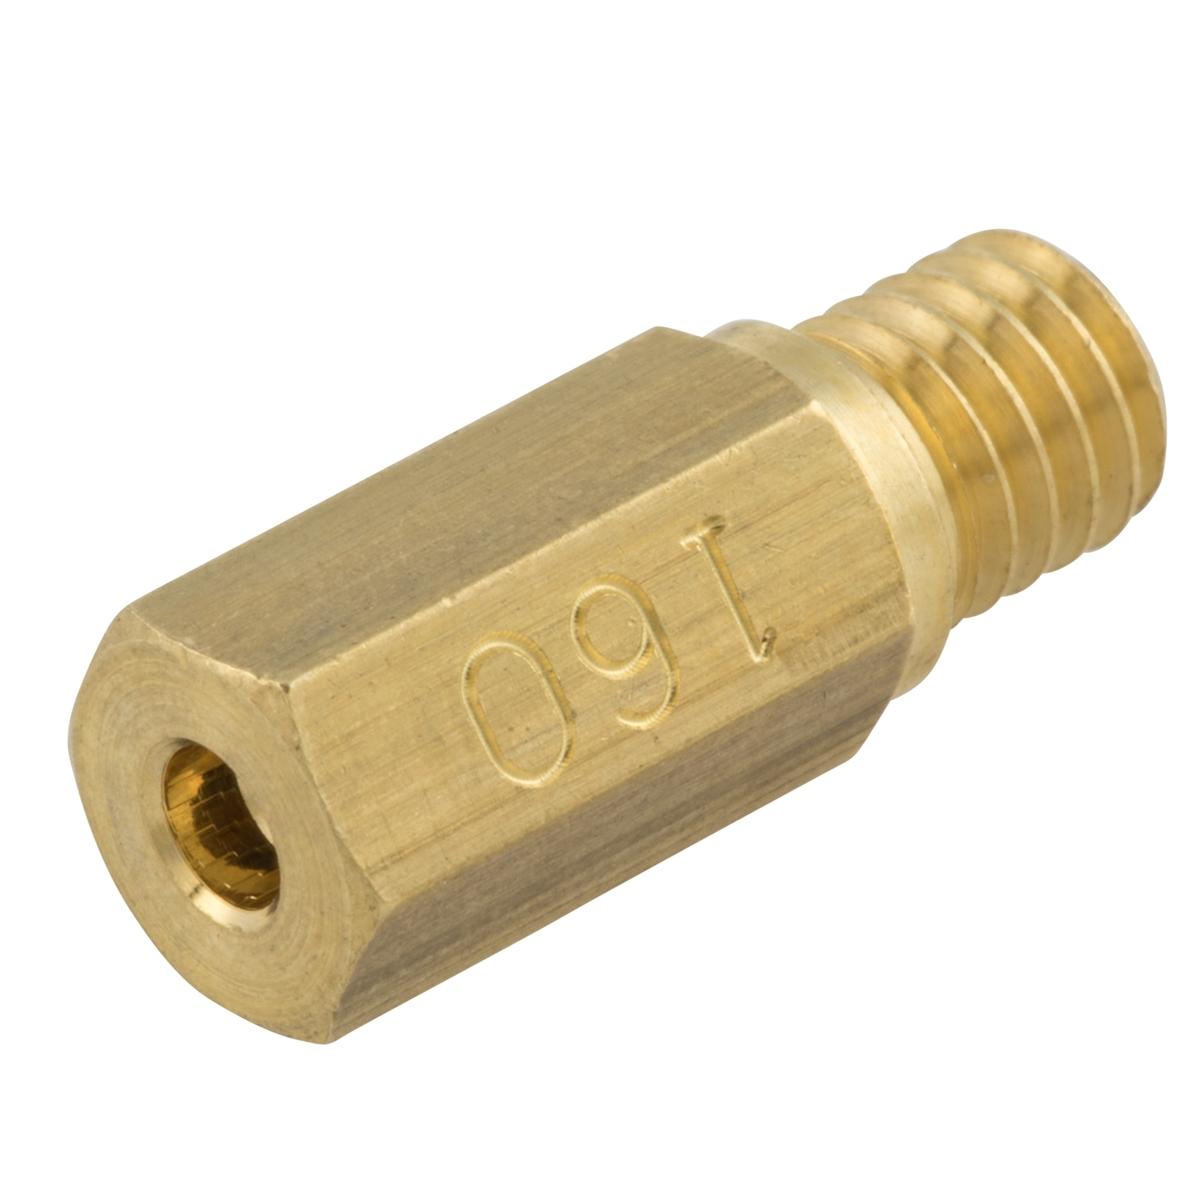 Image du produit 'Gicleur KMT 132 Ø 6 mm'